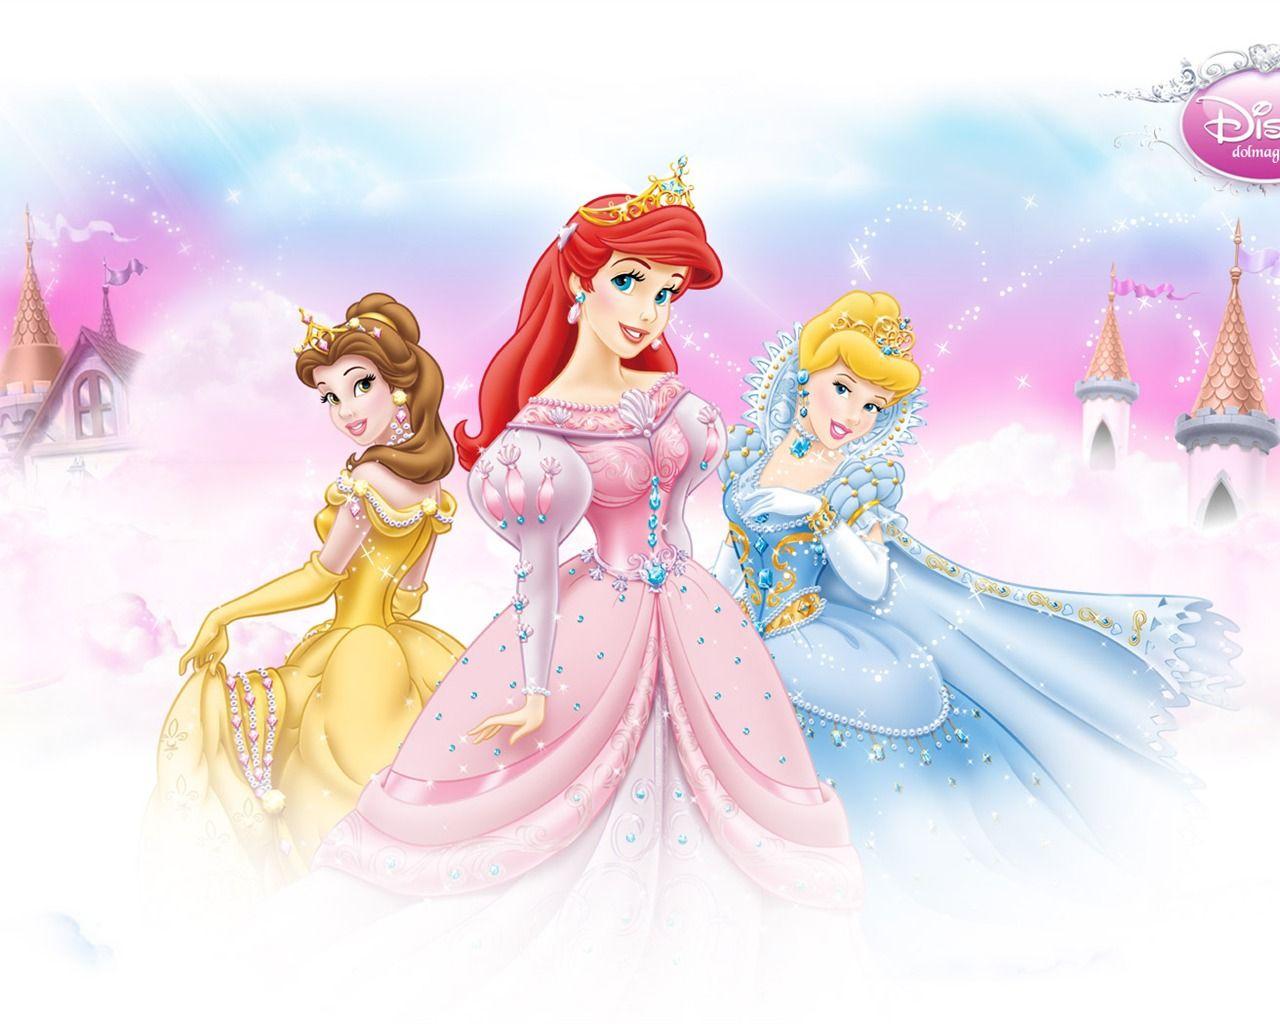 Cute Cartoon Princess | princess disney cartoon wallpaper ...